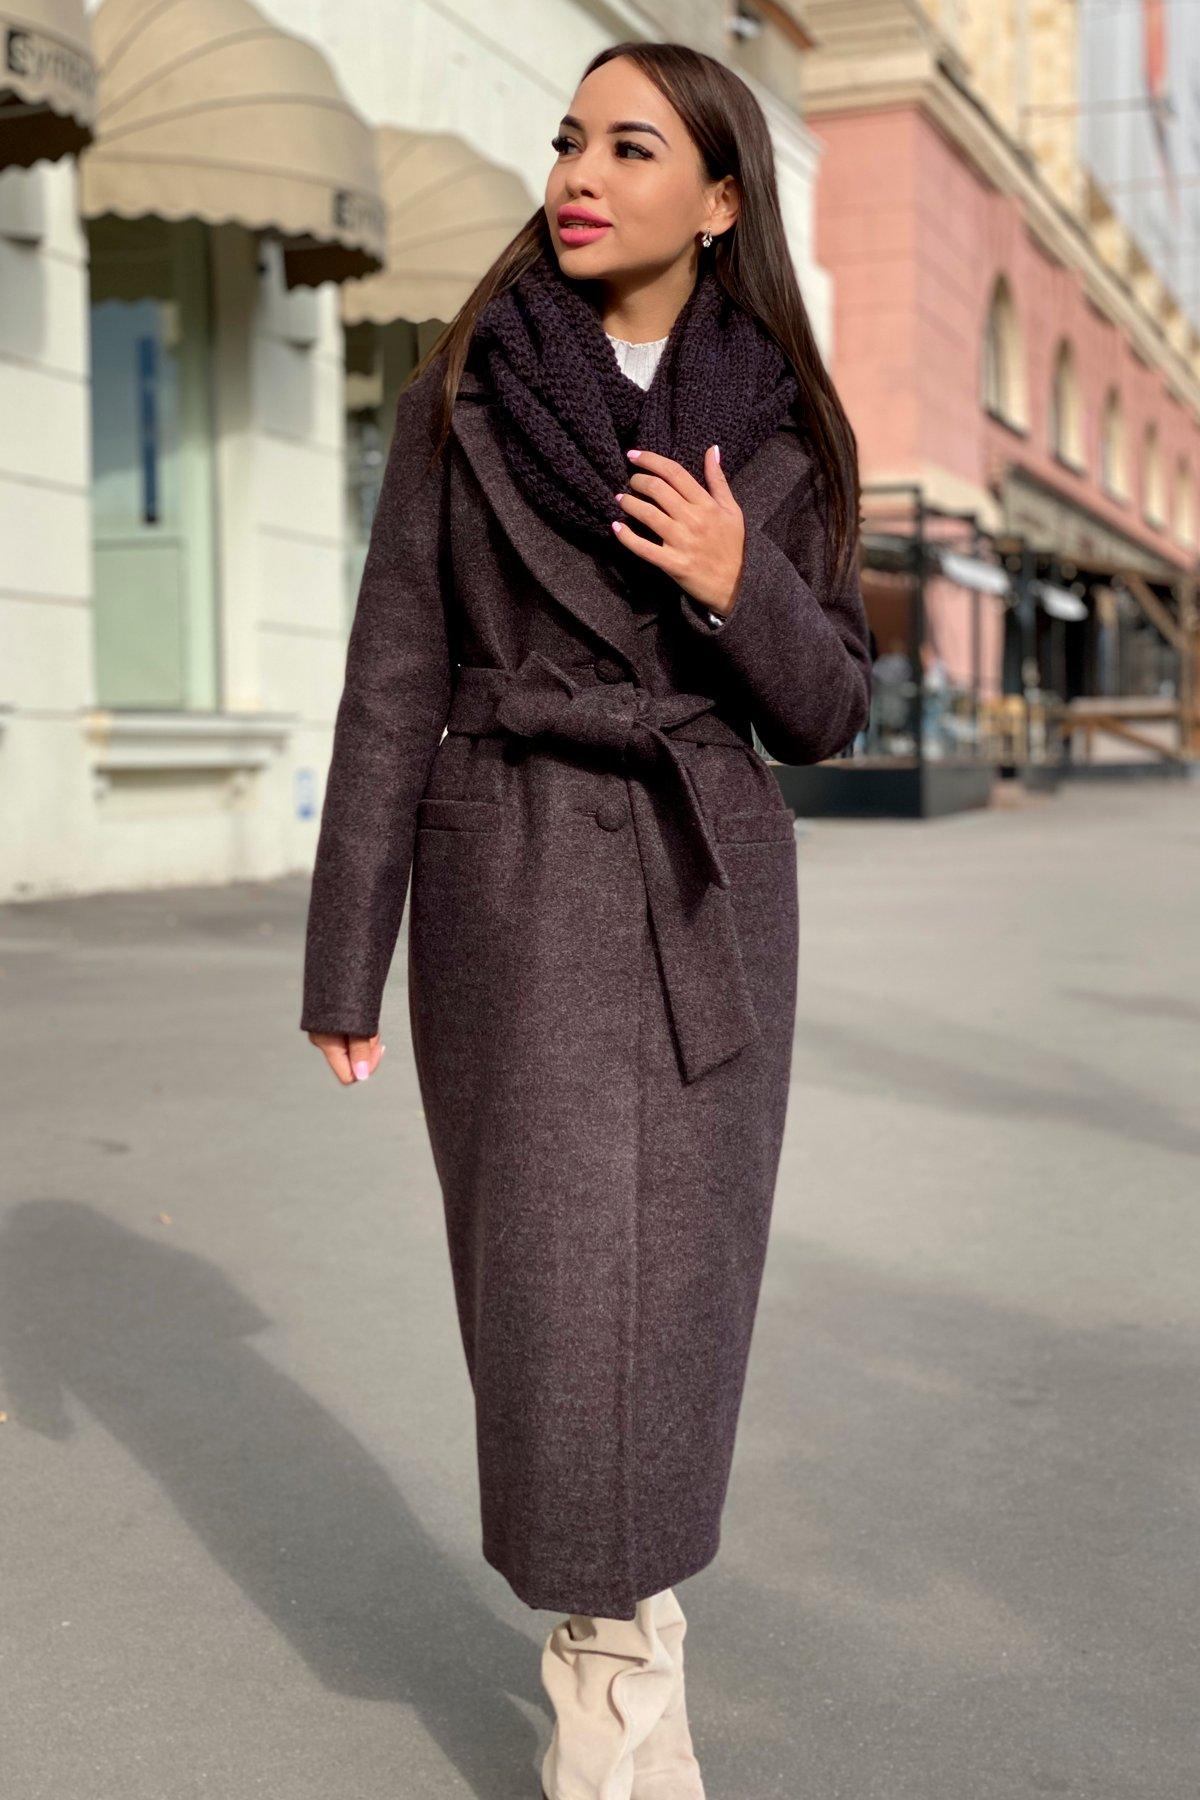 Длинное пальто зима Вива макси 8341 АРТ. 44495 Цвет: Шоколад 7 - фото 11, интернет магазин tm-modus.ru